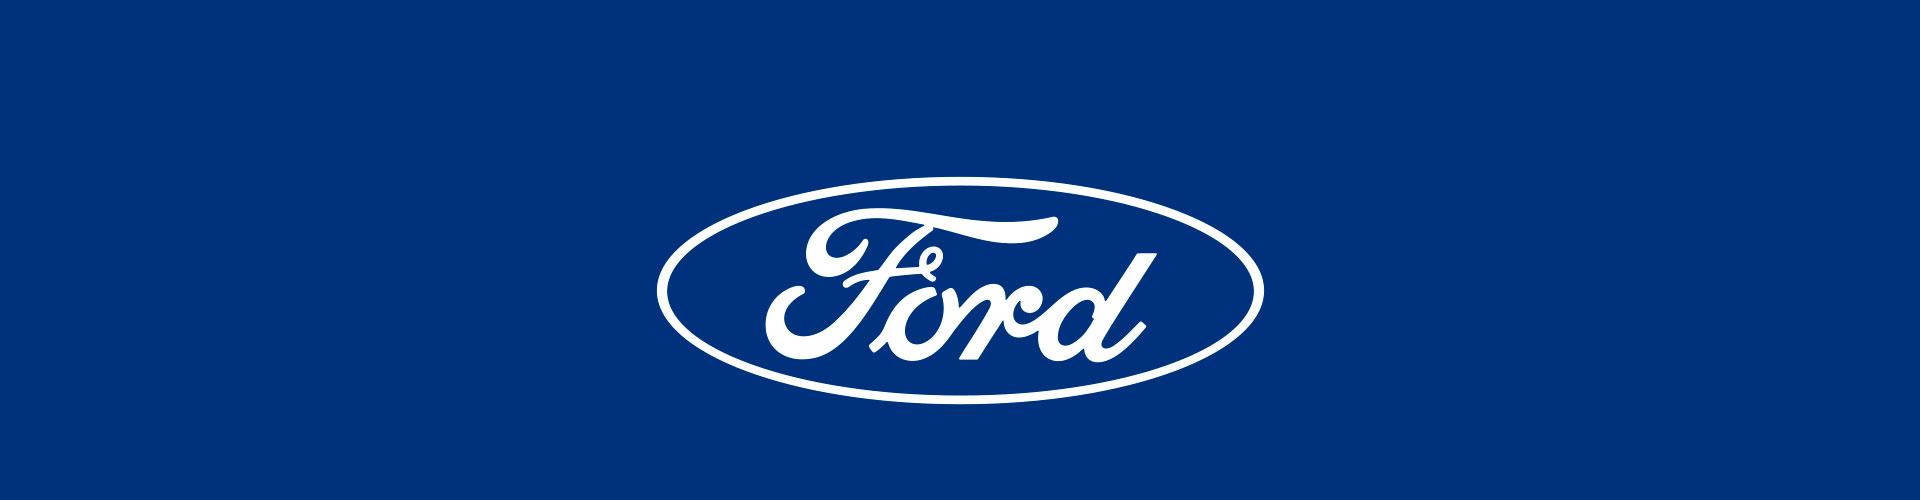 Автокласс Центр Ford